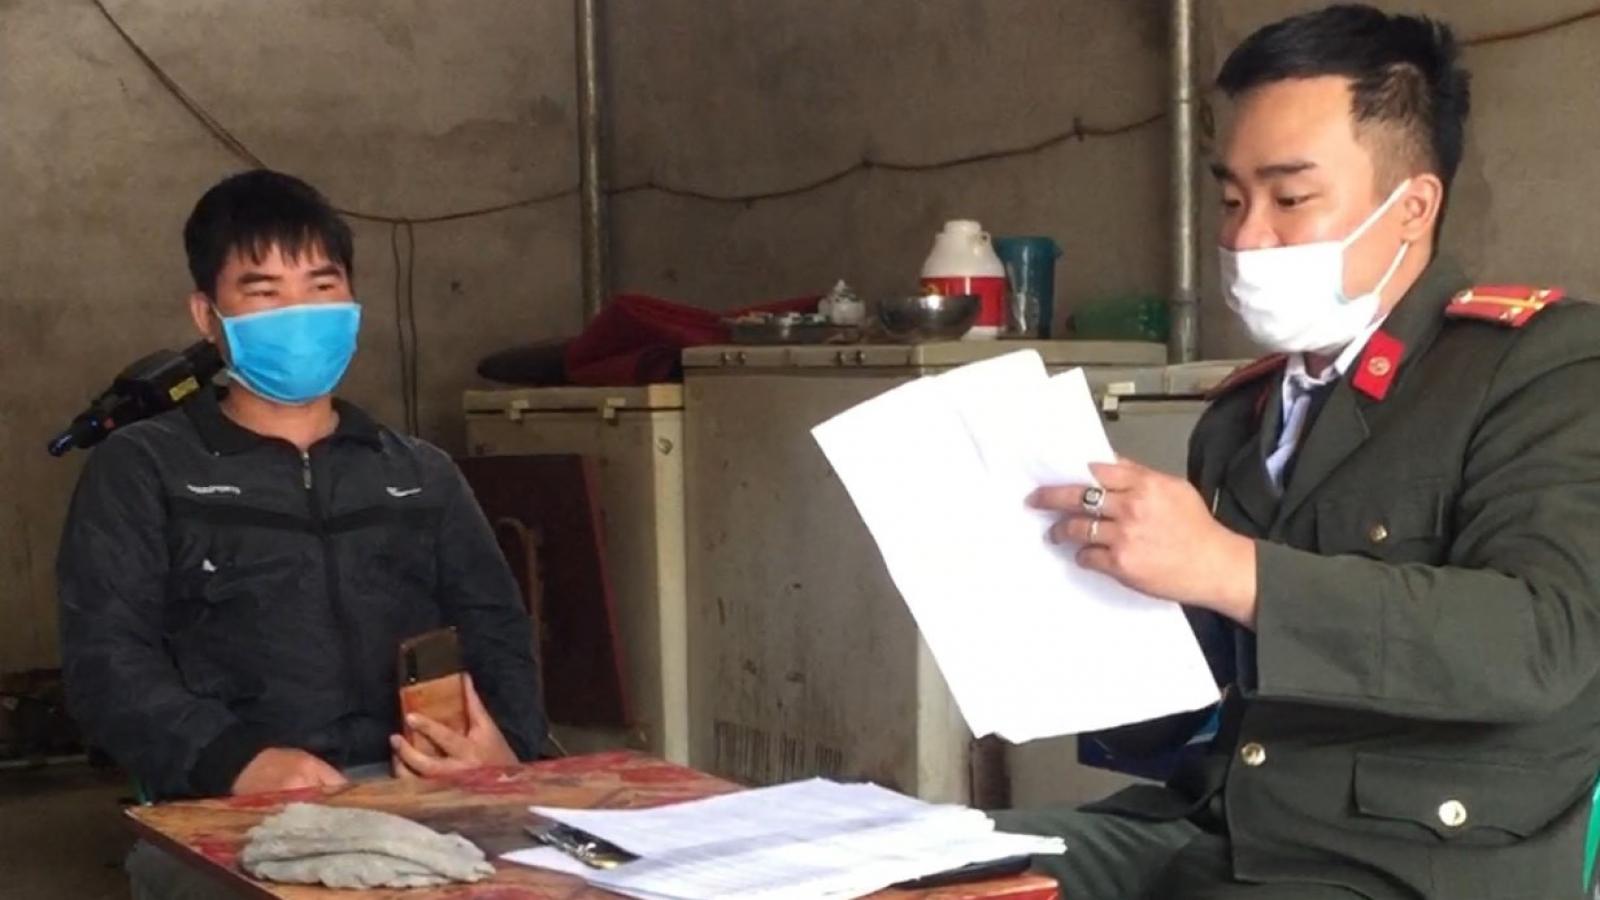 Bắc Giang xử phạt 1 công nhân trốn cách ly y tế 7,5 triệu đồng